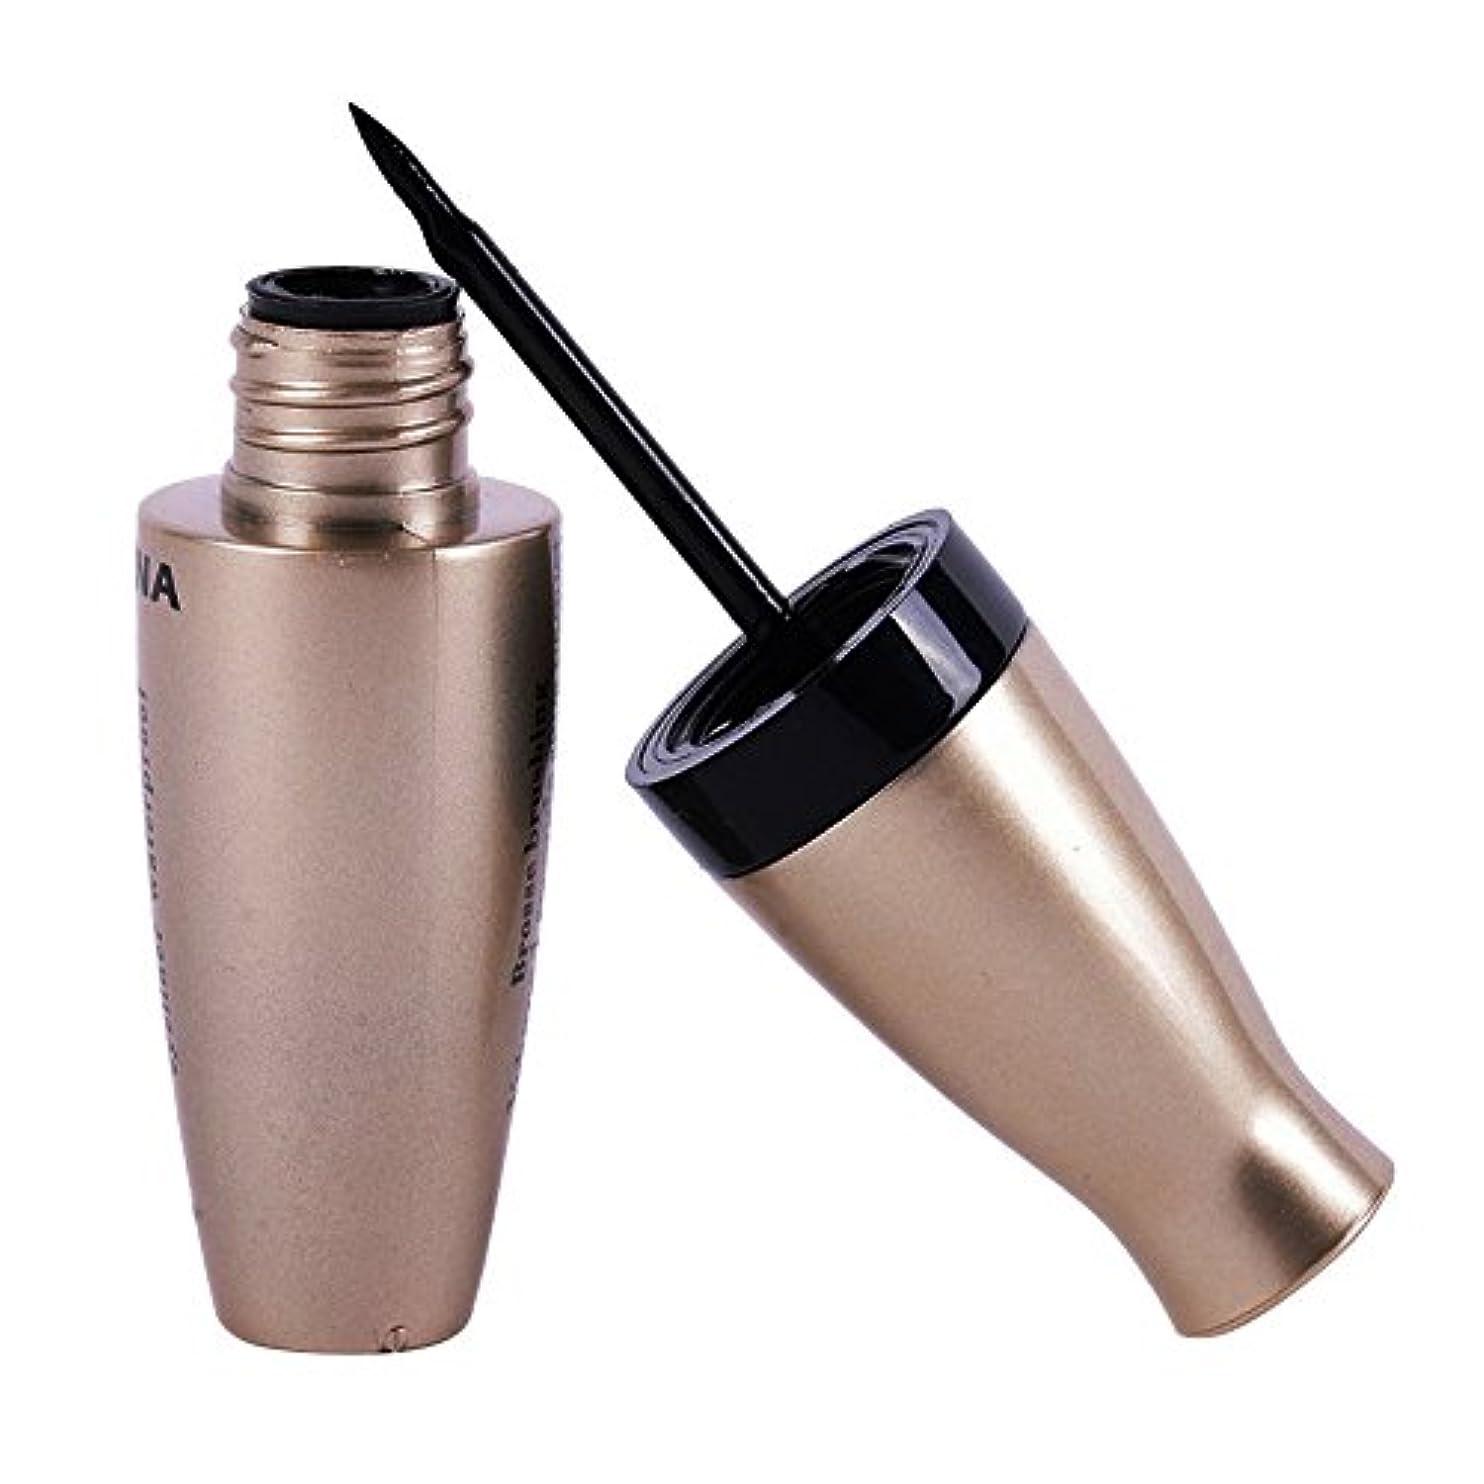 穀物スリッパエクステント新しいアイライナー防水リキッドアイライナーペンシルペンメイクアップ美容化粧品